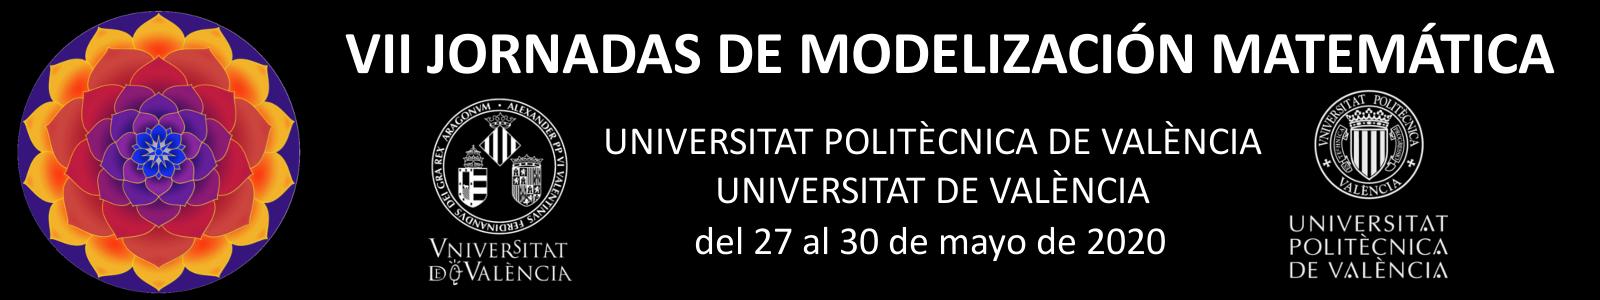 VII Jornadas Modelización Matemática